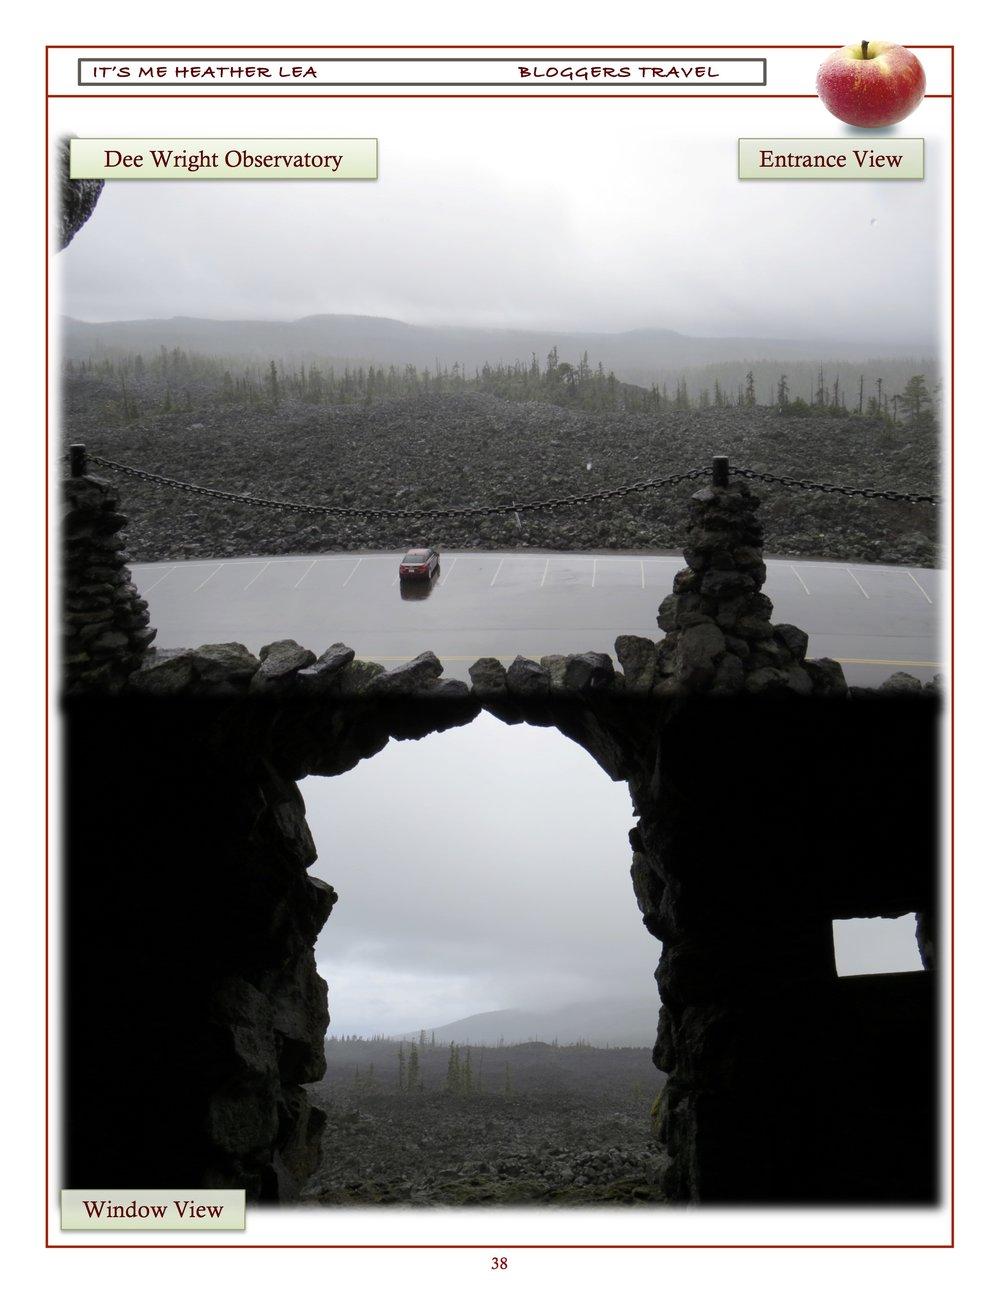 CO Trip Newsletter Revised 38.jpg